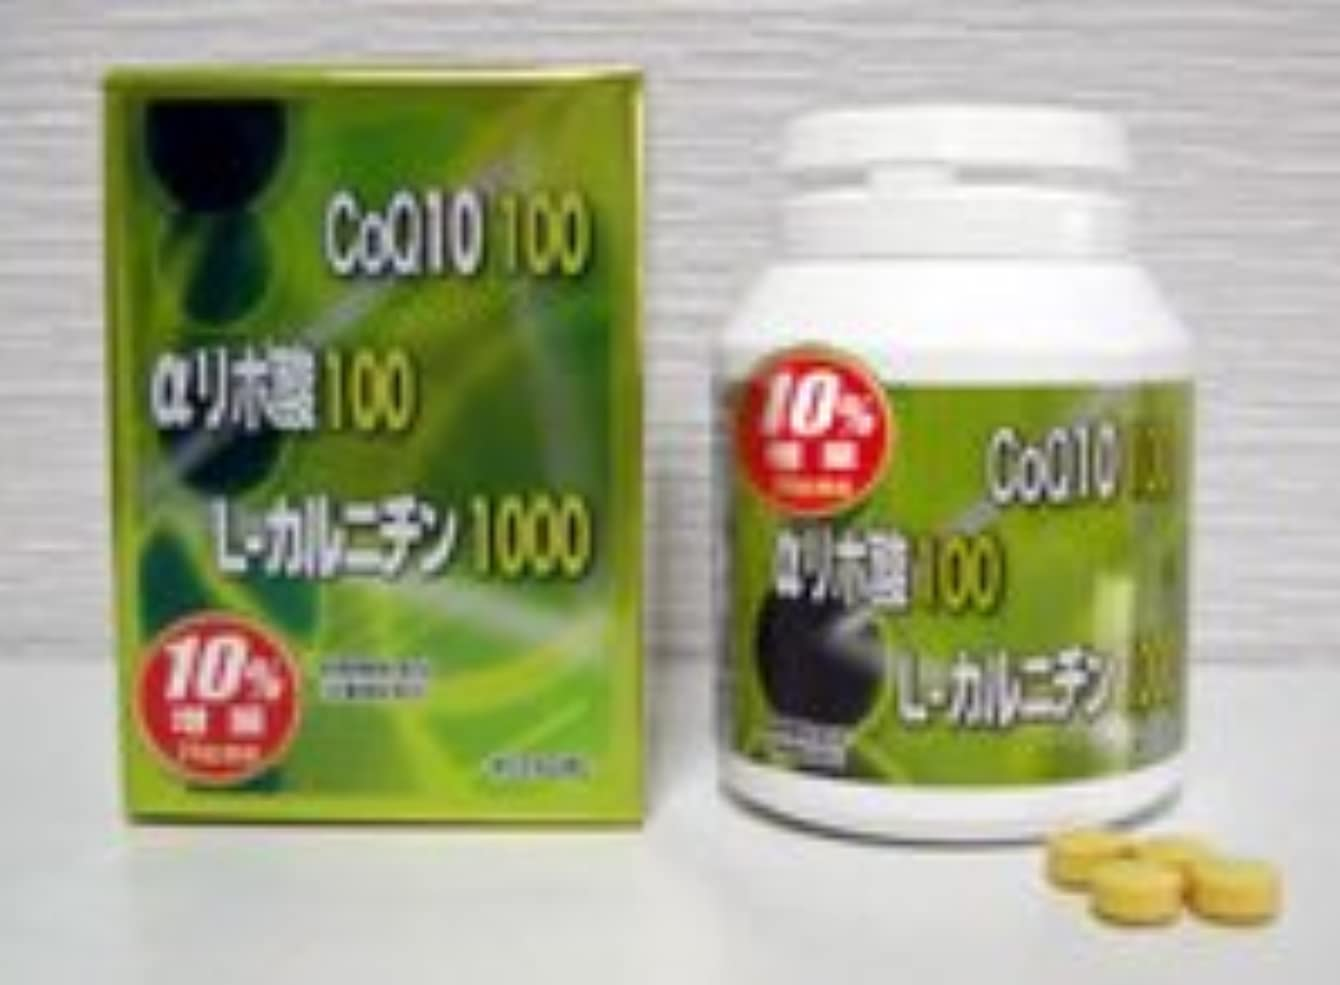 好意懺悔儀式ダイエットサプリ CoQ10+αリポ酸+L-カルニチン 102.96g(390mg×約264粒)